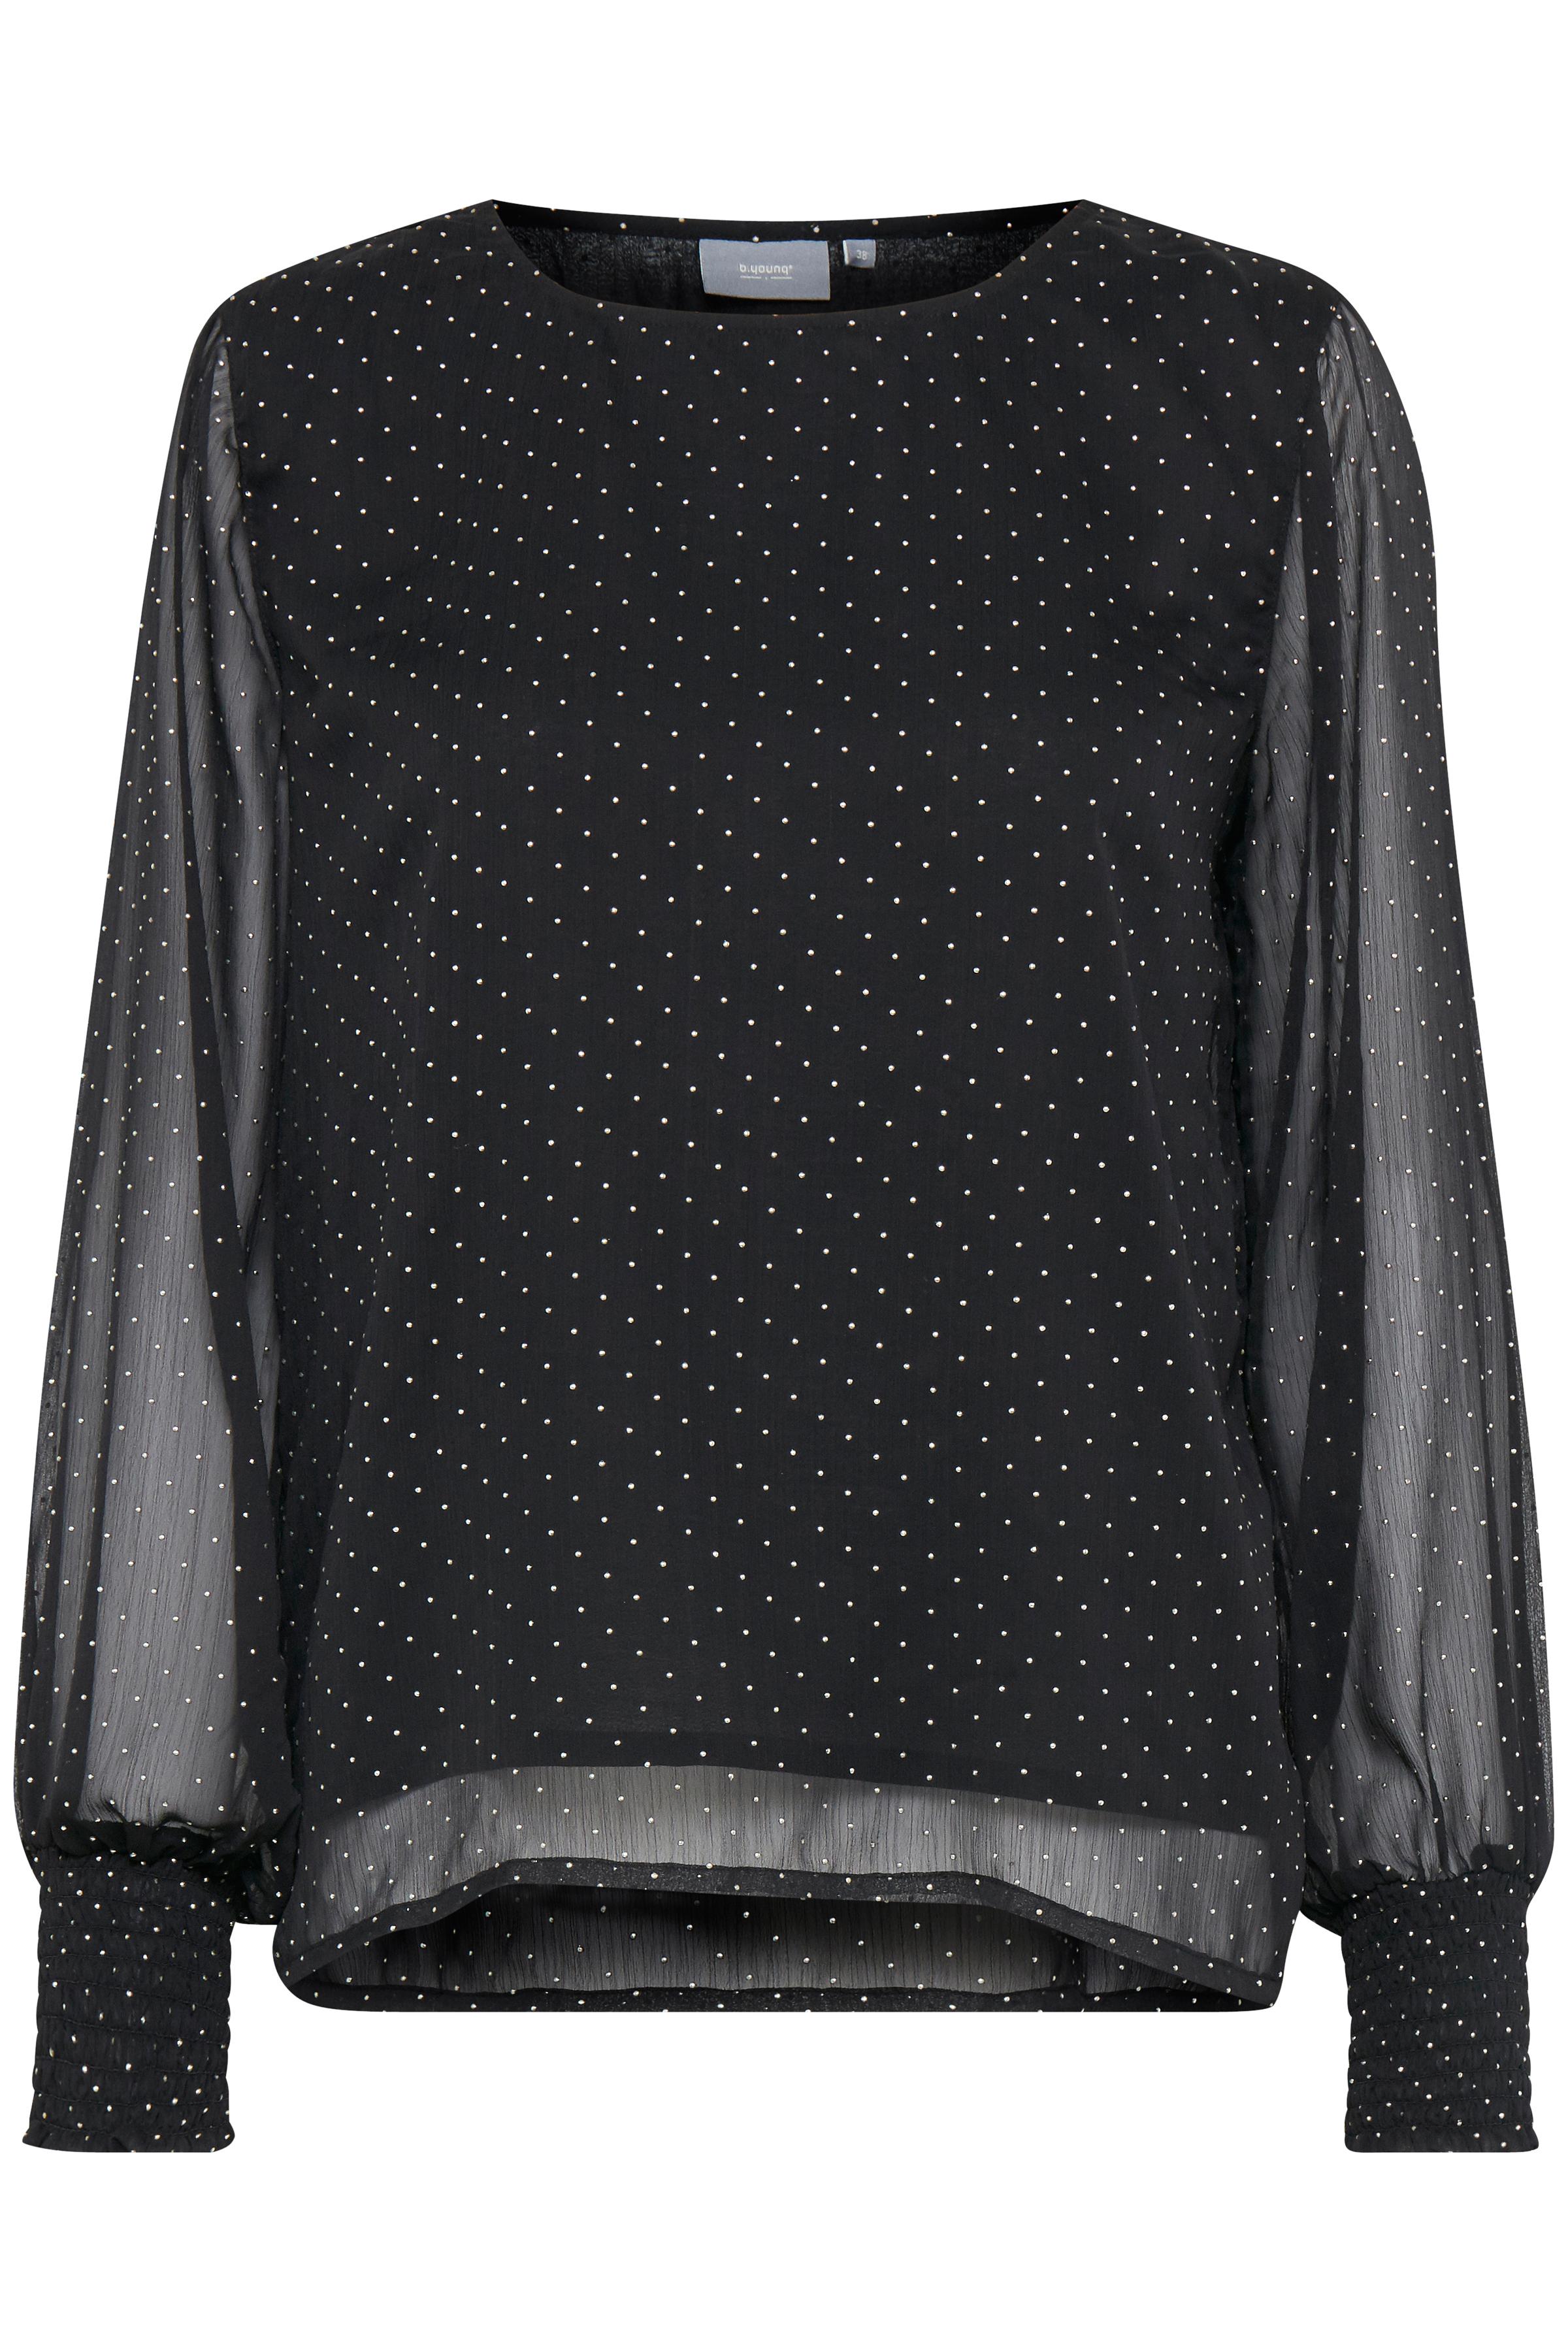 Black combi Långärmad blus från b.young – Köp Black combi Långärmad blus från storlek 34-44 här